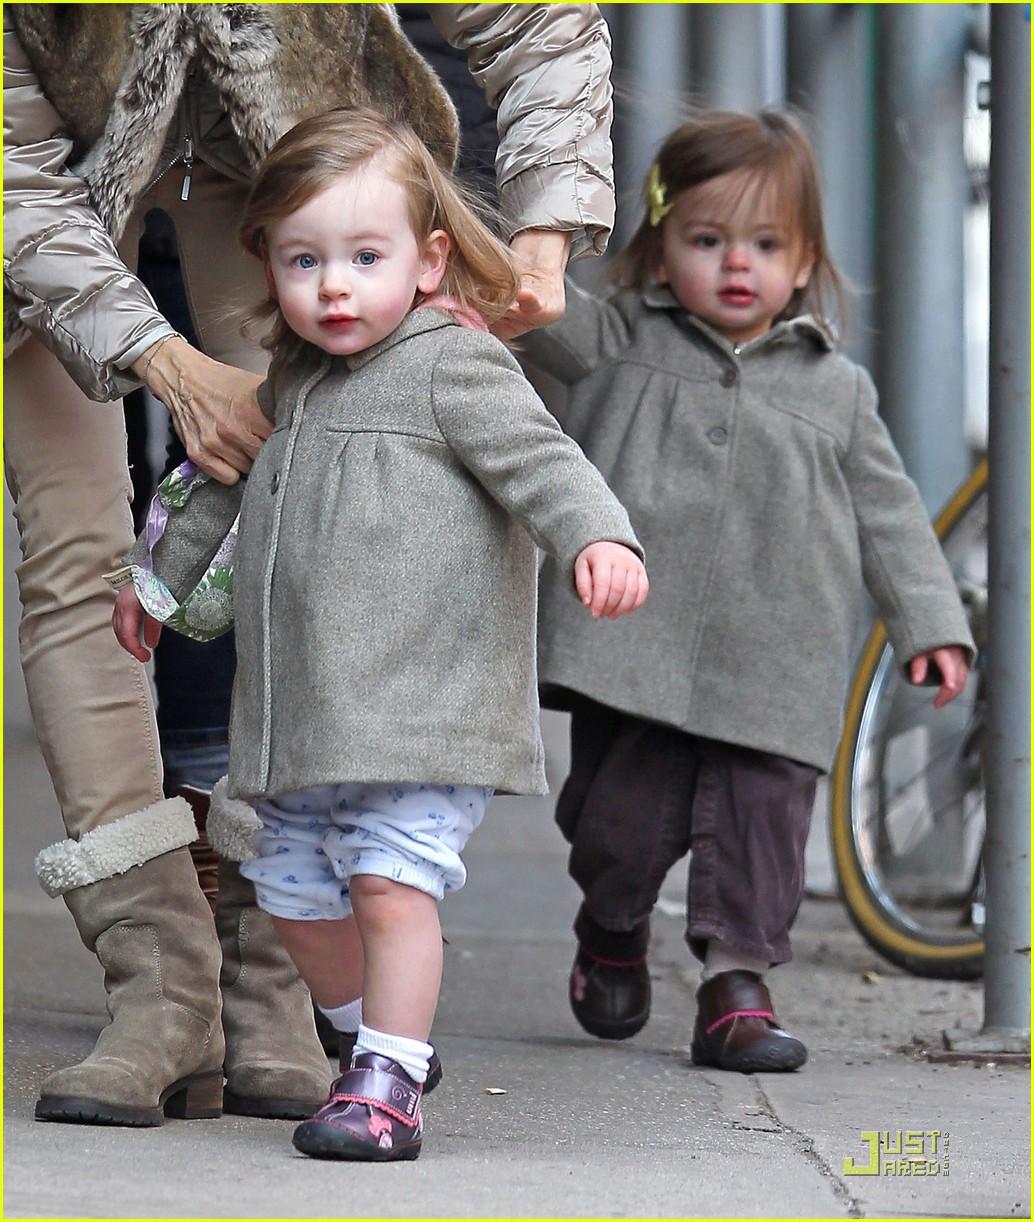 ksarah jessica parker birthday stroll twins 082530616